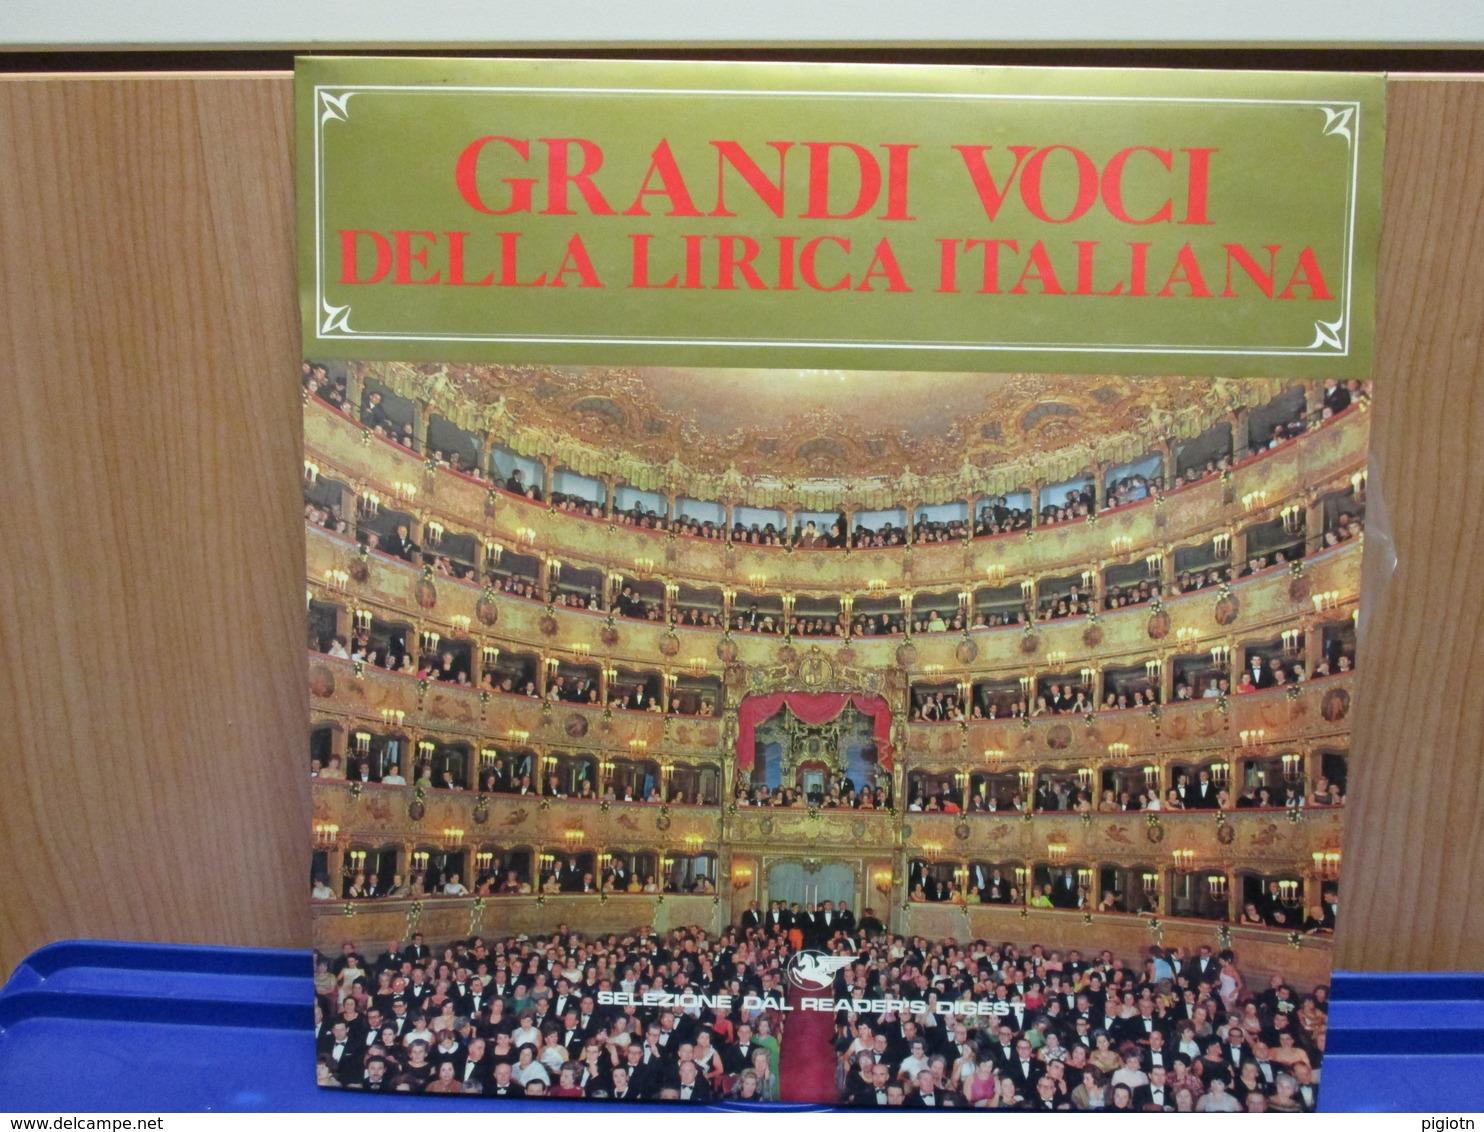 LP035 -GRANDI VOCI DELLA LIRICA ITALIANA-CALLAS-SIEPI-BERGONZI-PAGLIUGHI-CORELLI-TADDEI-SIMIONATO-TAGLIAVINI-TEBALDI - Oper & Operette